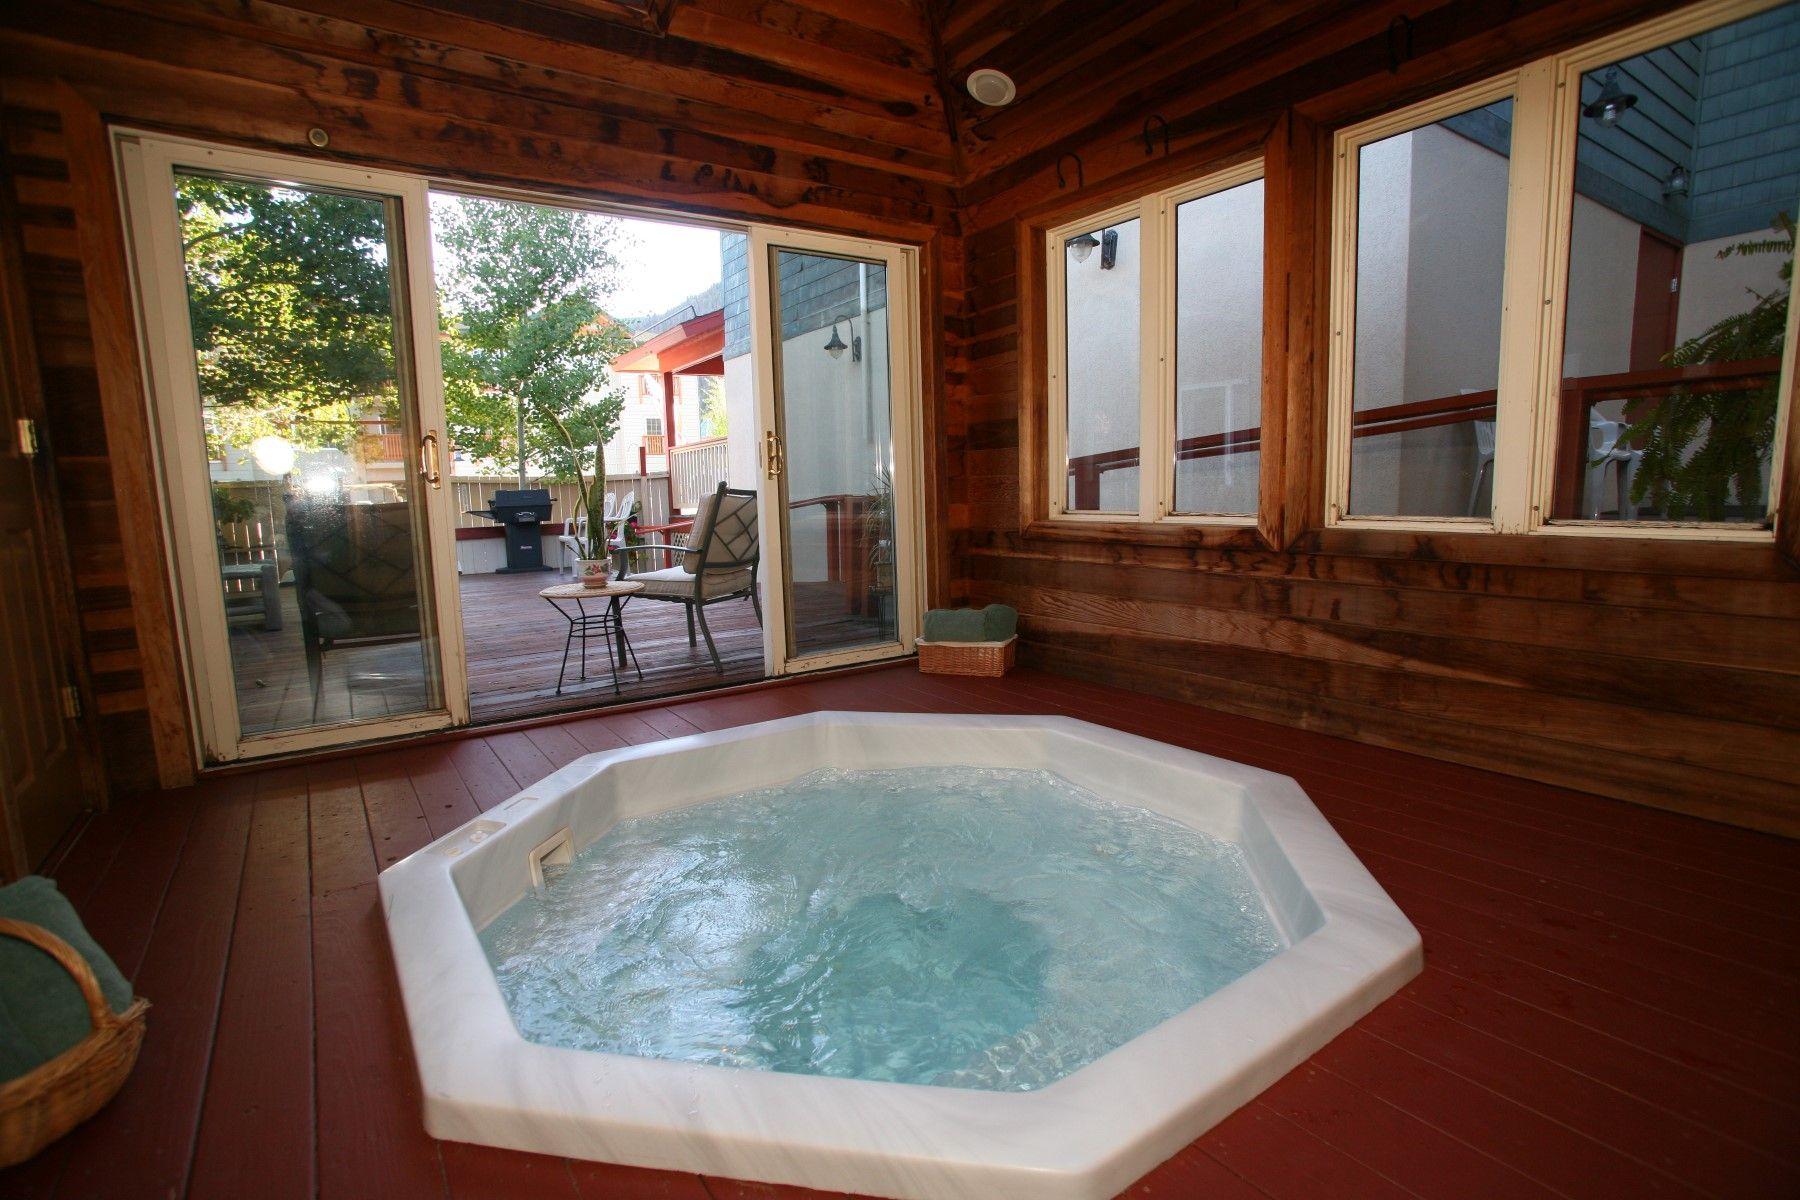 Hexagonal Hot Tub Hot Tub Room Indoor Hot Tub Hot Tub